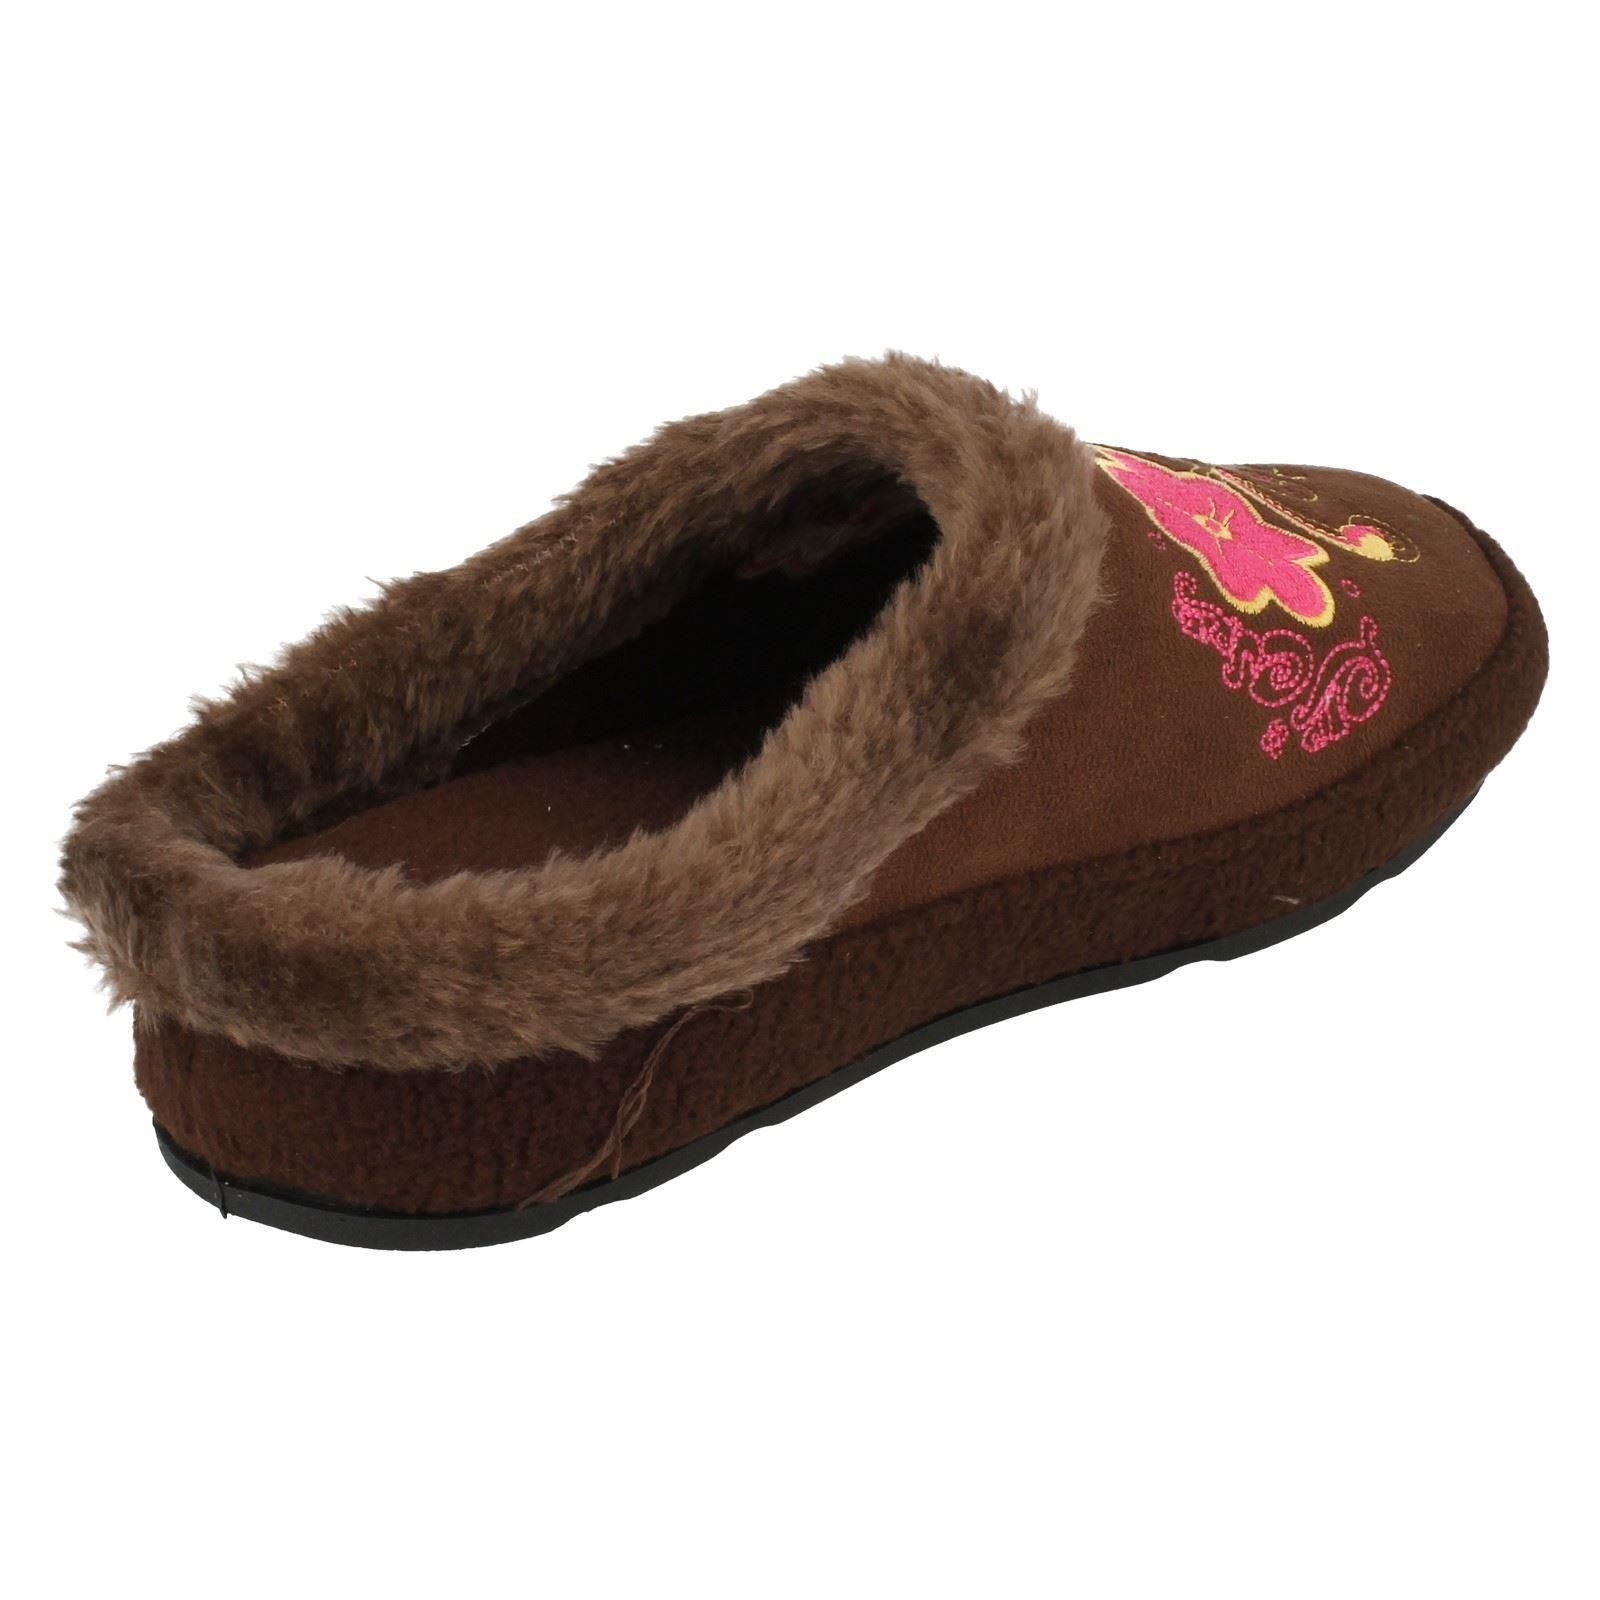 Señoras Rip Curl Slip On Zapatillas Hop